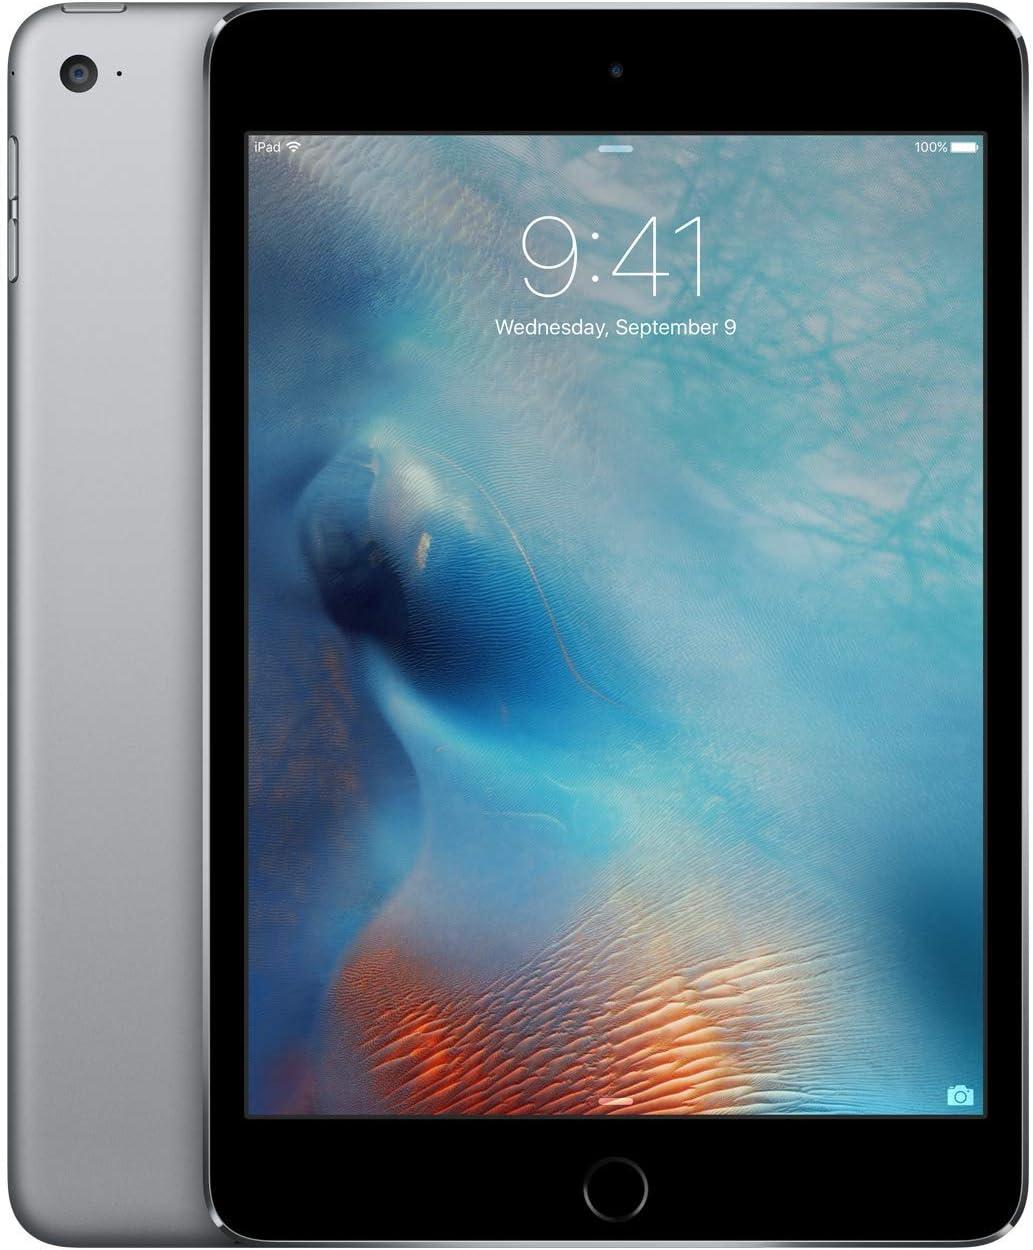 Amazon.com: Apple iPad Mini 4 (Wi-Fi, 128GB) - Space Gray